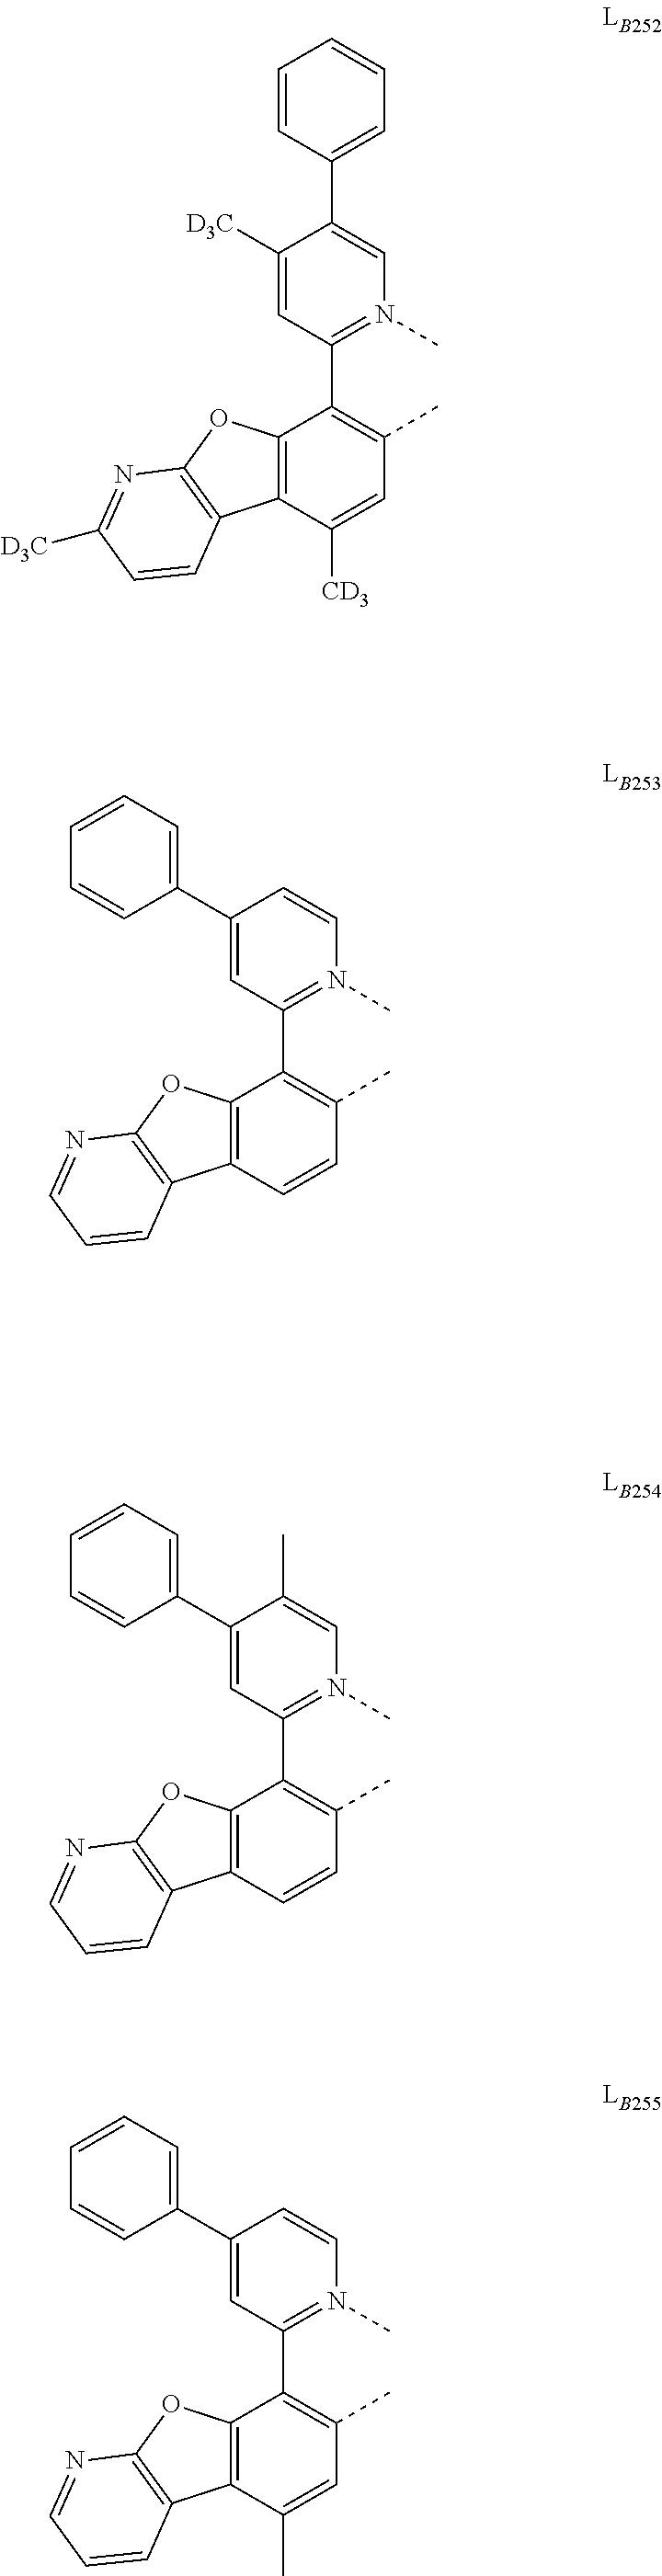 Figure US09929360-20180327-C00094